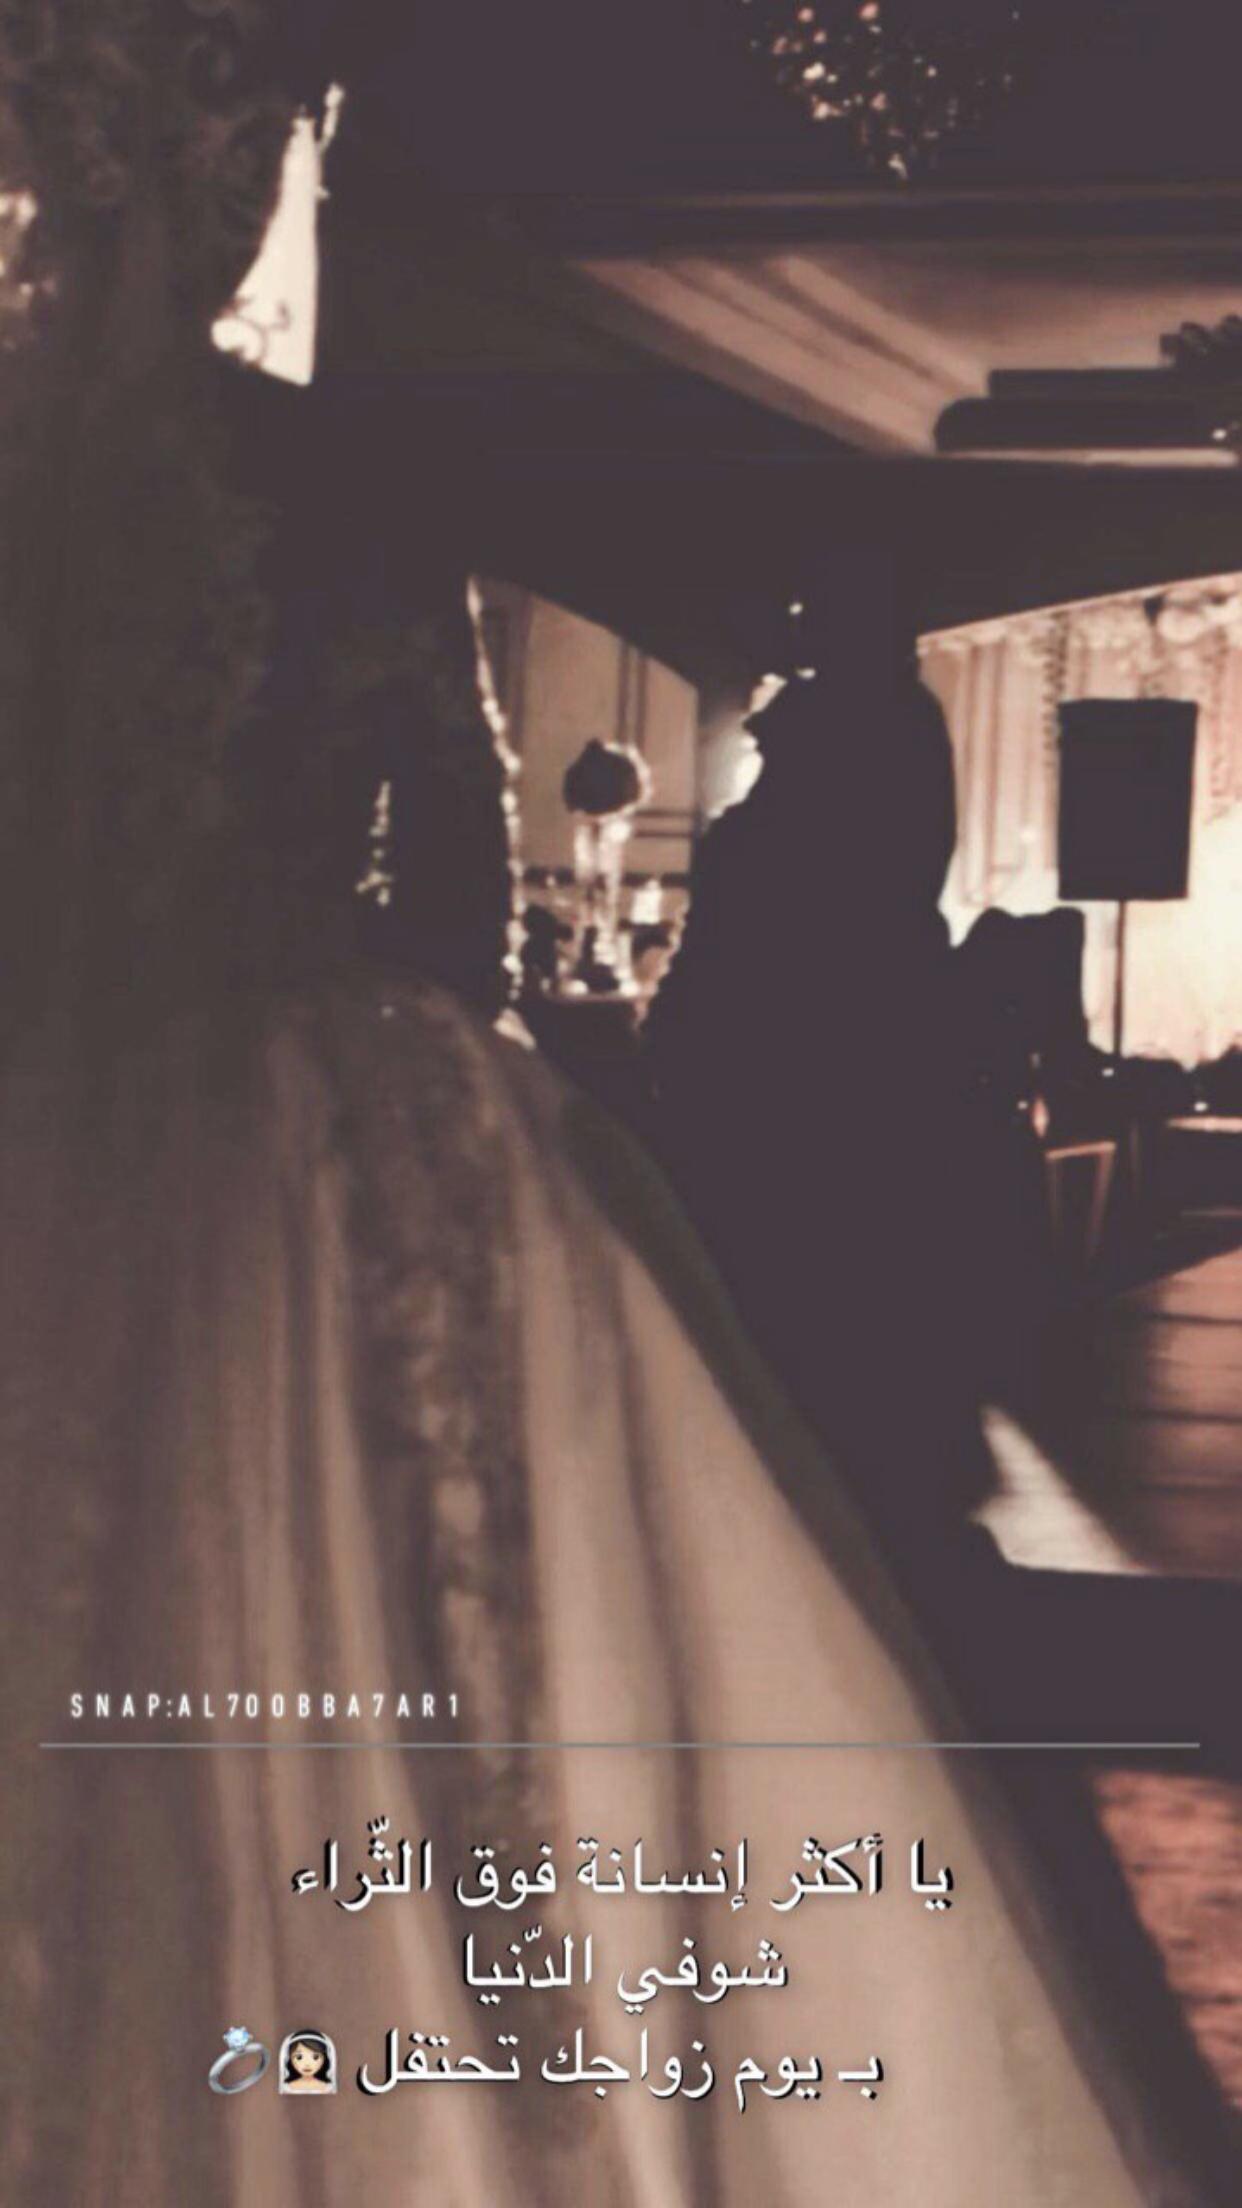 همسة يا أكثر إنسانة فوق الث راء شوفي الد نيا بـ يوم زواجك تحتفل تصويري تصويري سنا Bridal Portrait Poses Wedding Logo Design Wedding Drawing